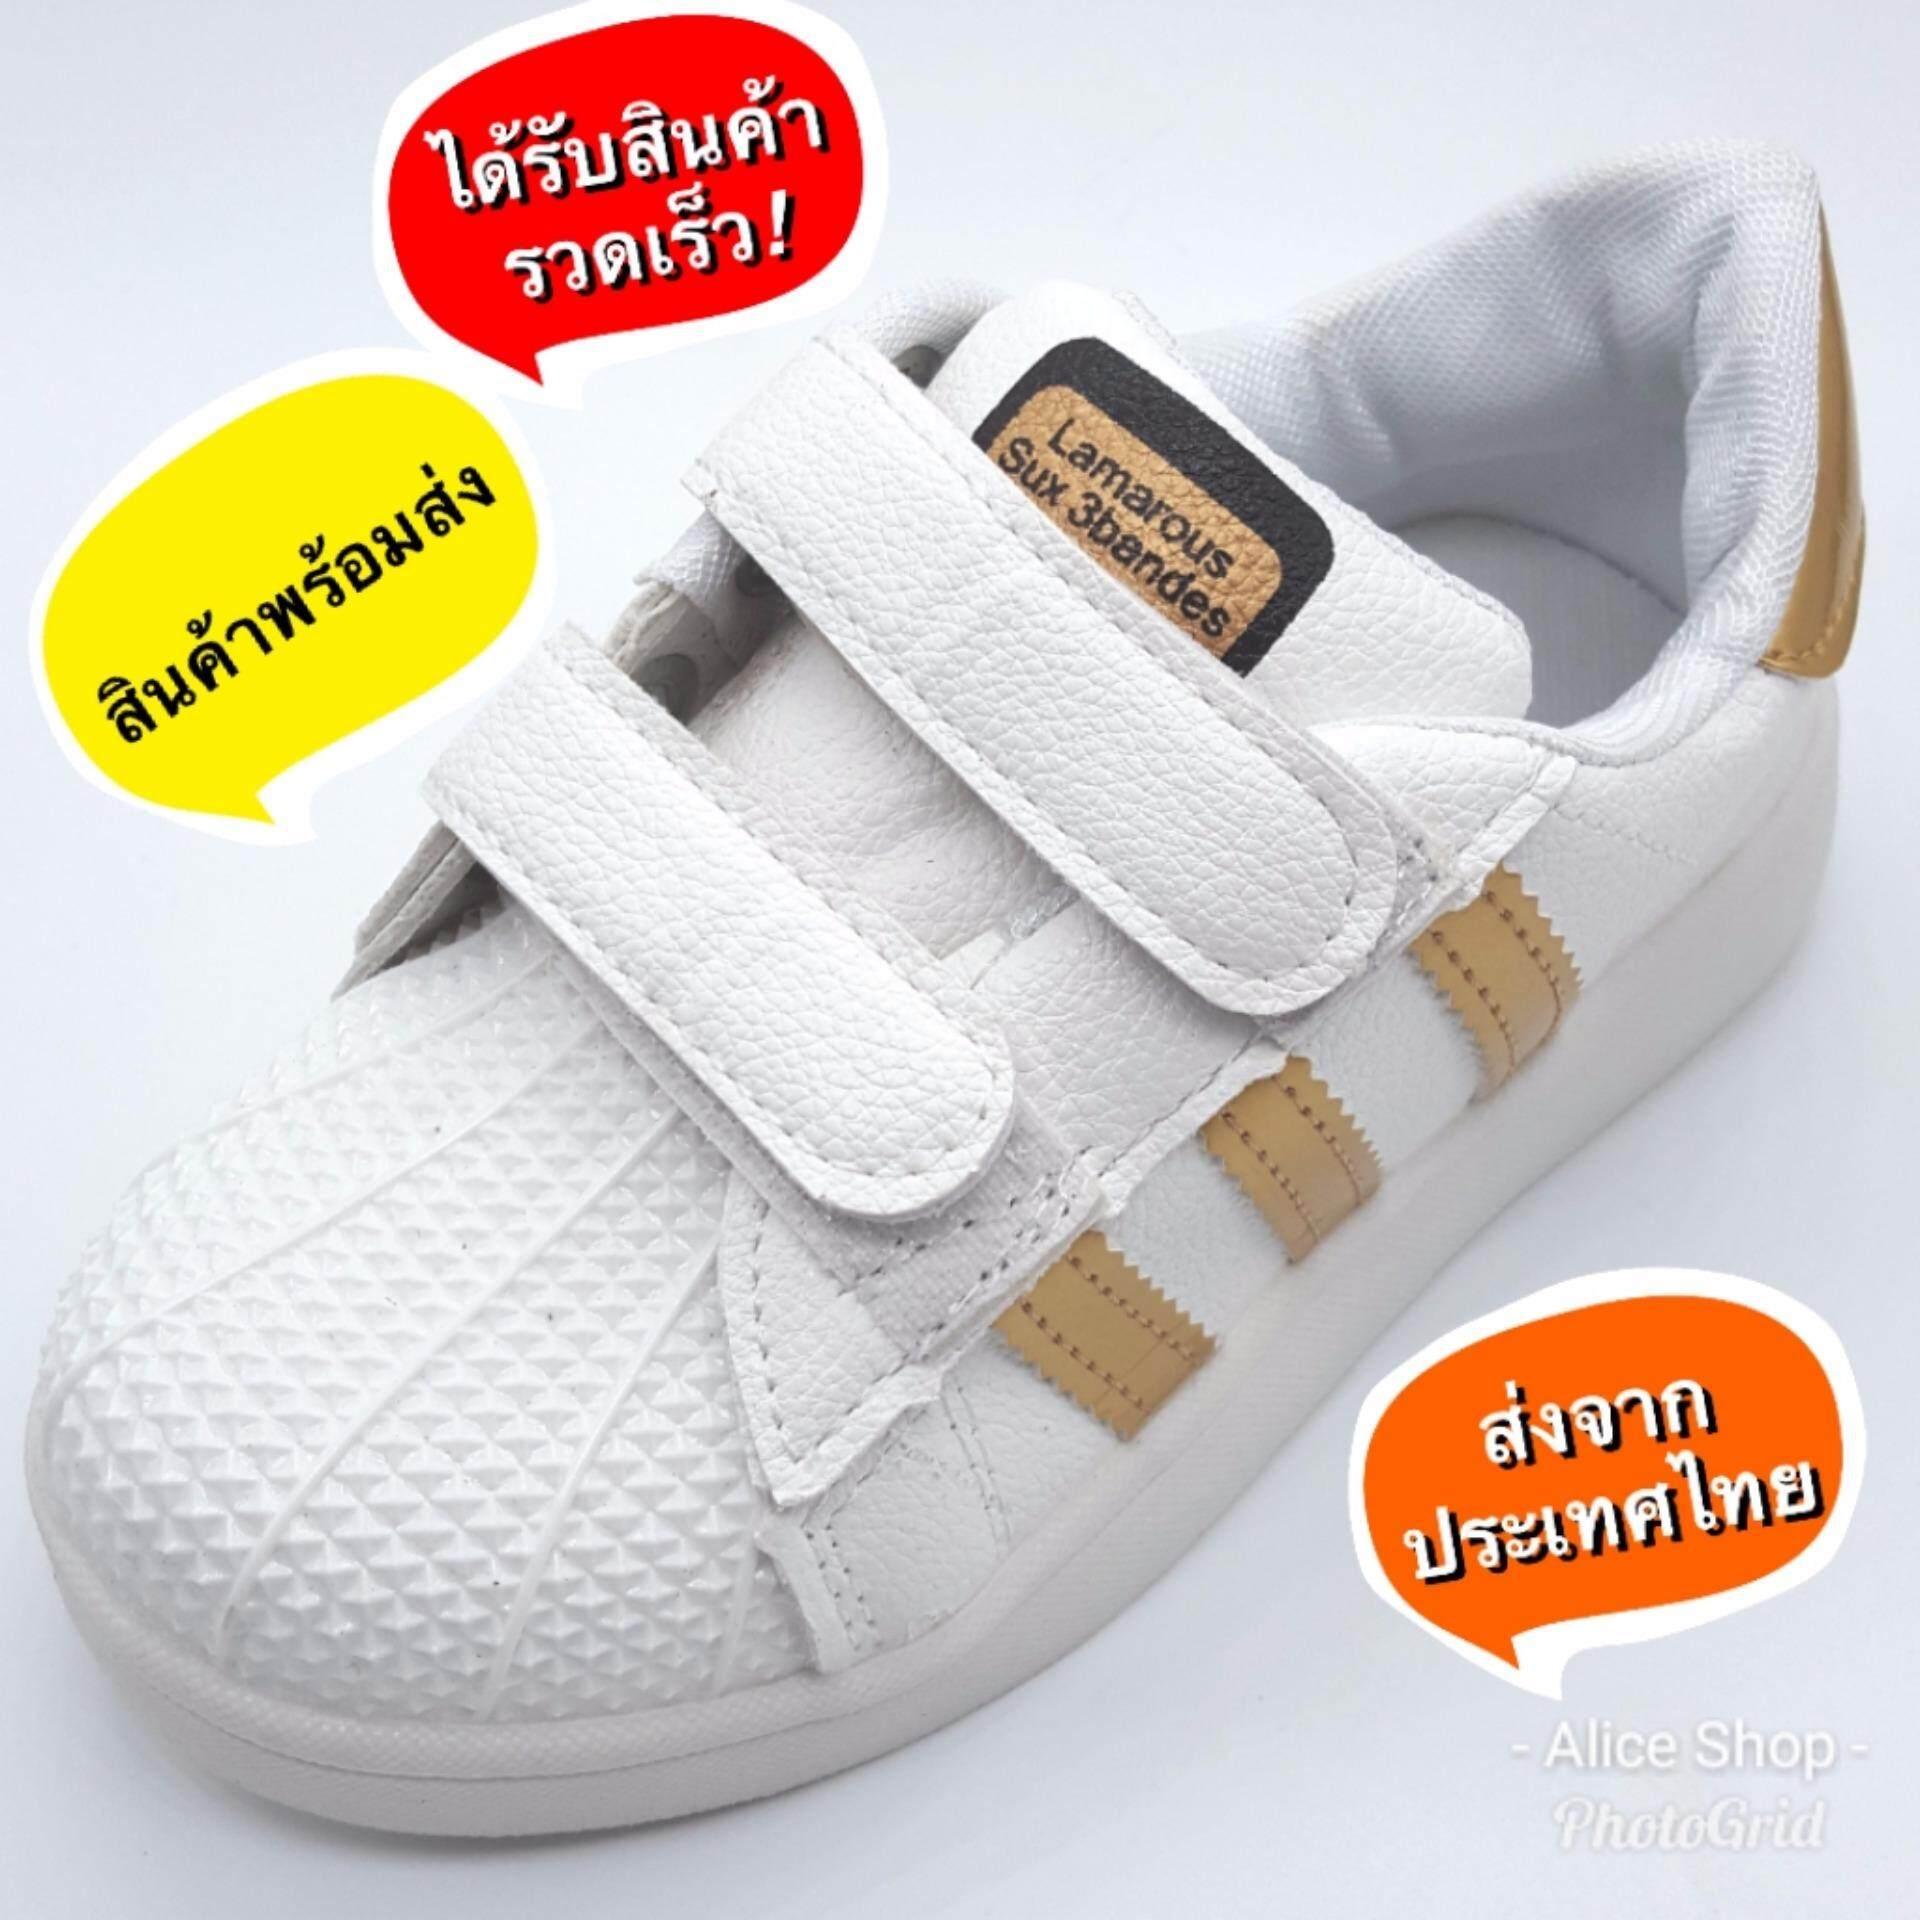 ขาย ซื้อ ออนไลน์ Alice Shoe รองเท้าผ้าใบ แฟชั่นเด็กผู้ชาย และ ผู้หญิง รุ่น Skl096 Gd สีทอง